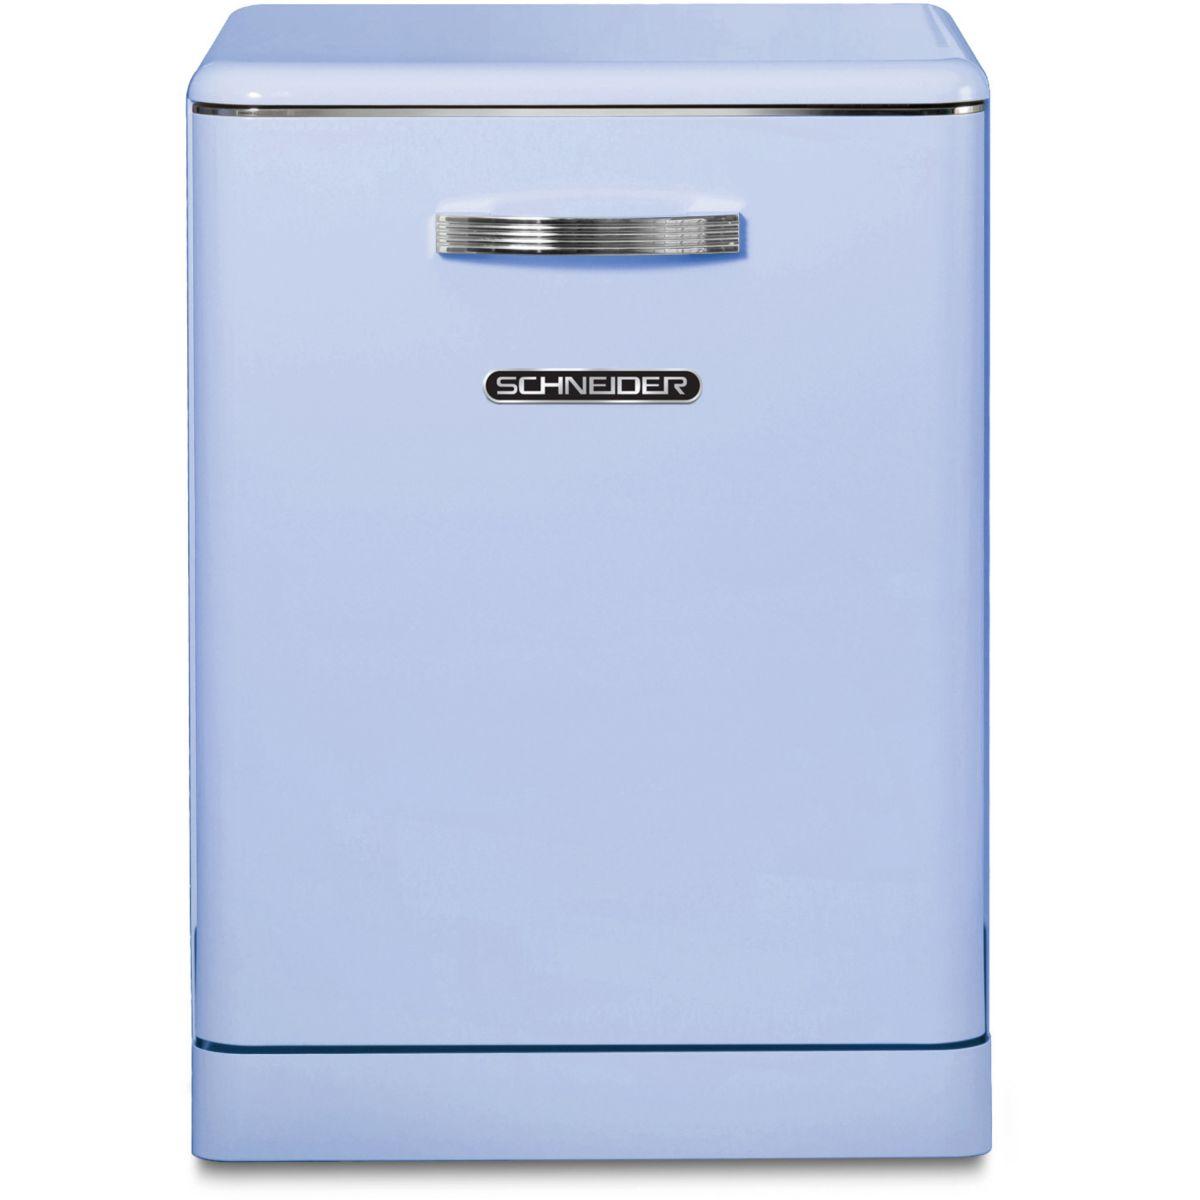 Lave-vaisselle 60cm SCHNEIDER SDW1444VBL Vintage ble (photo)